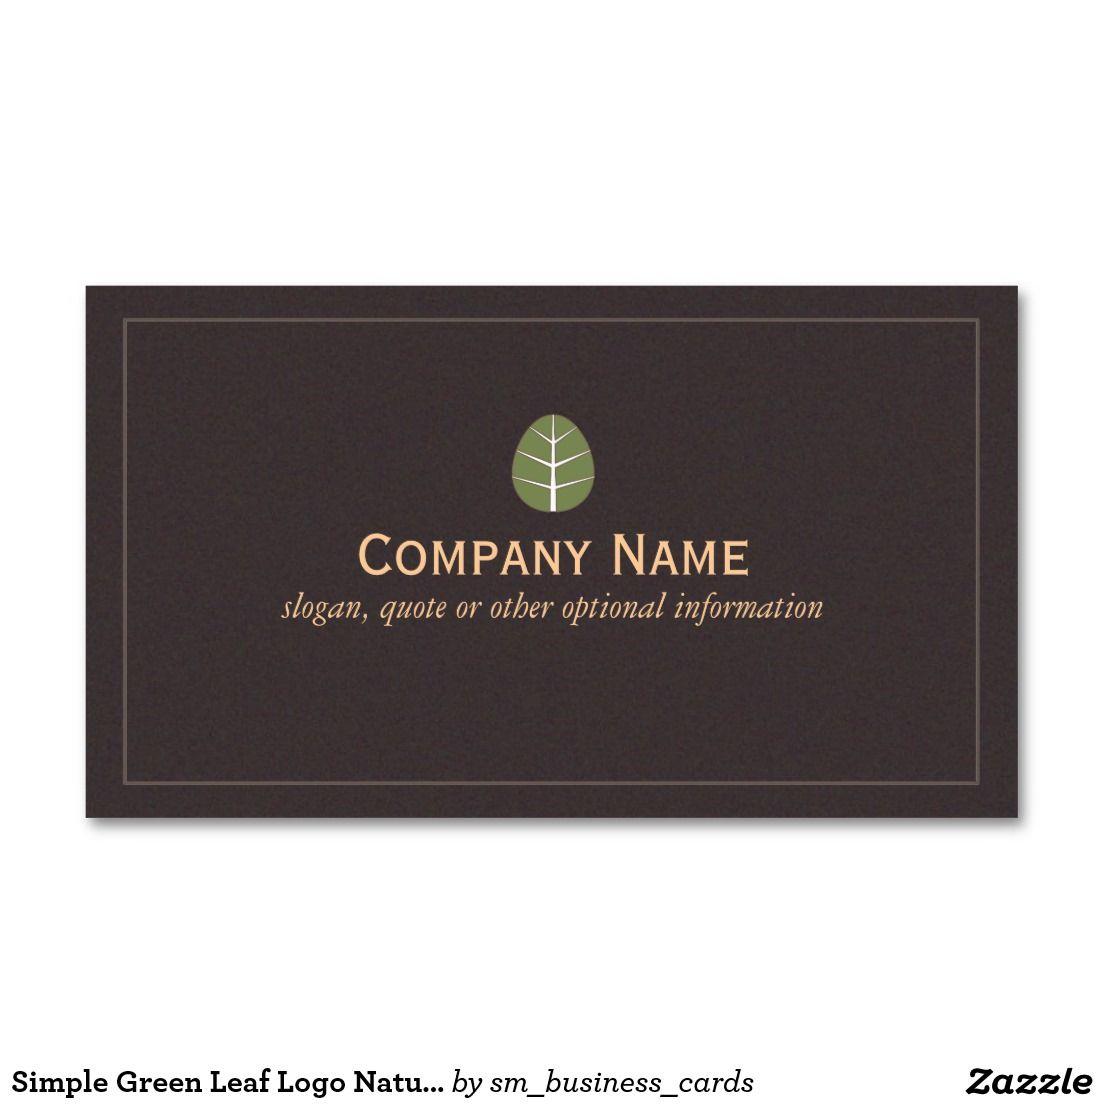 Simple Green Leaf Logo Nature Business Card   Leaf logo, Business ...